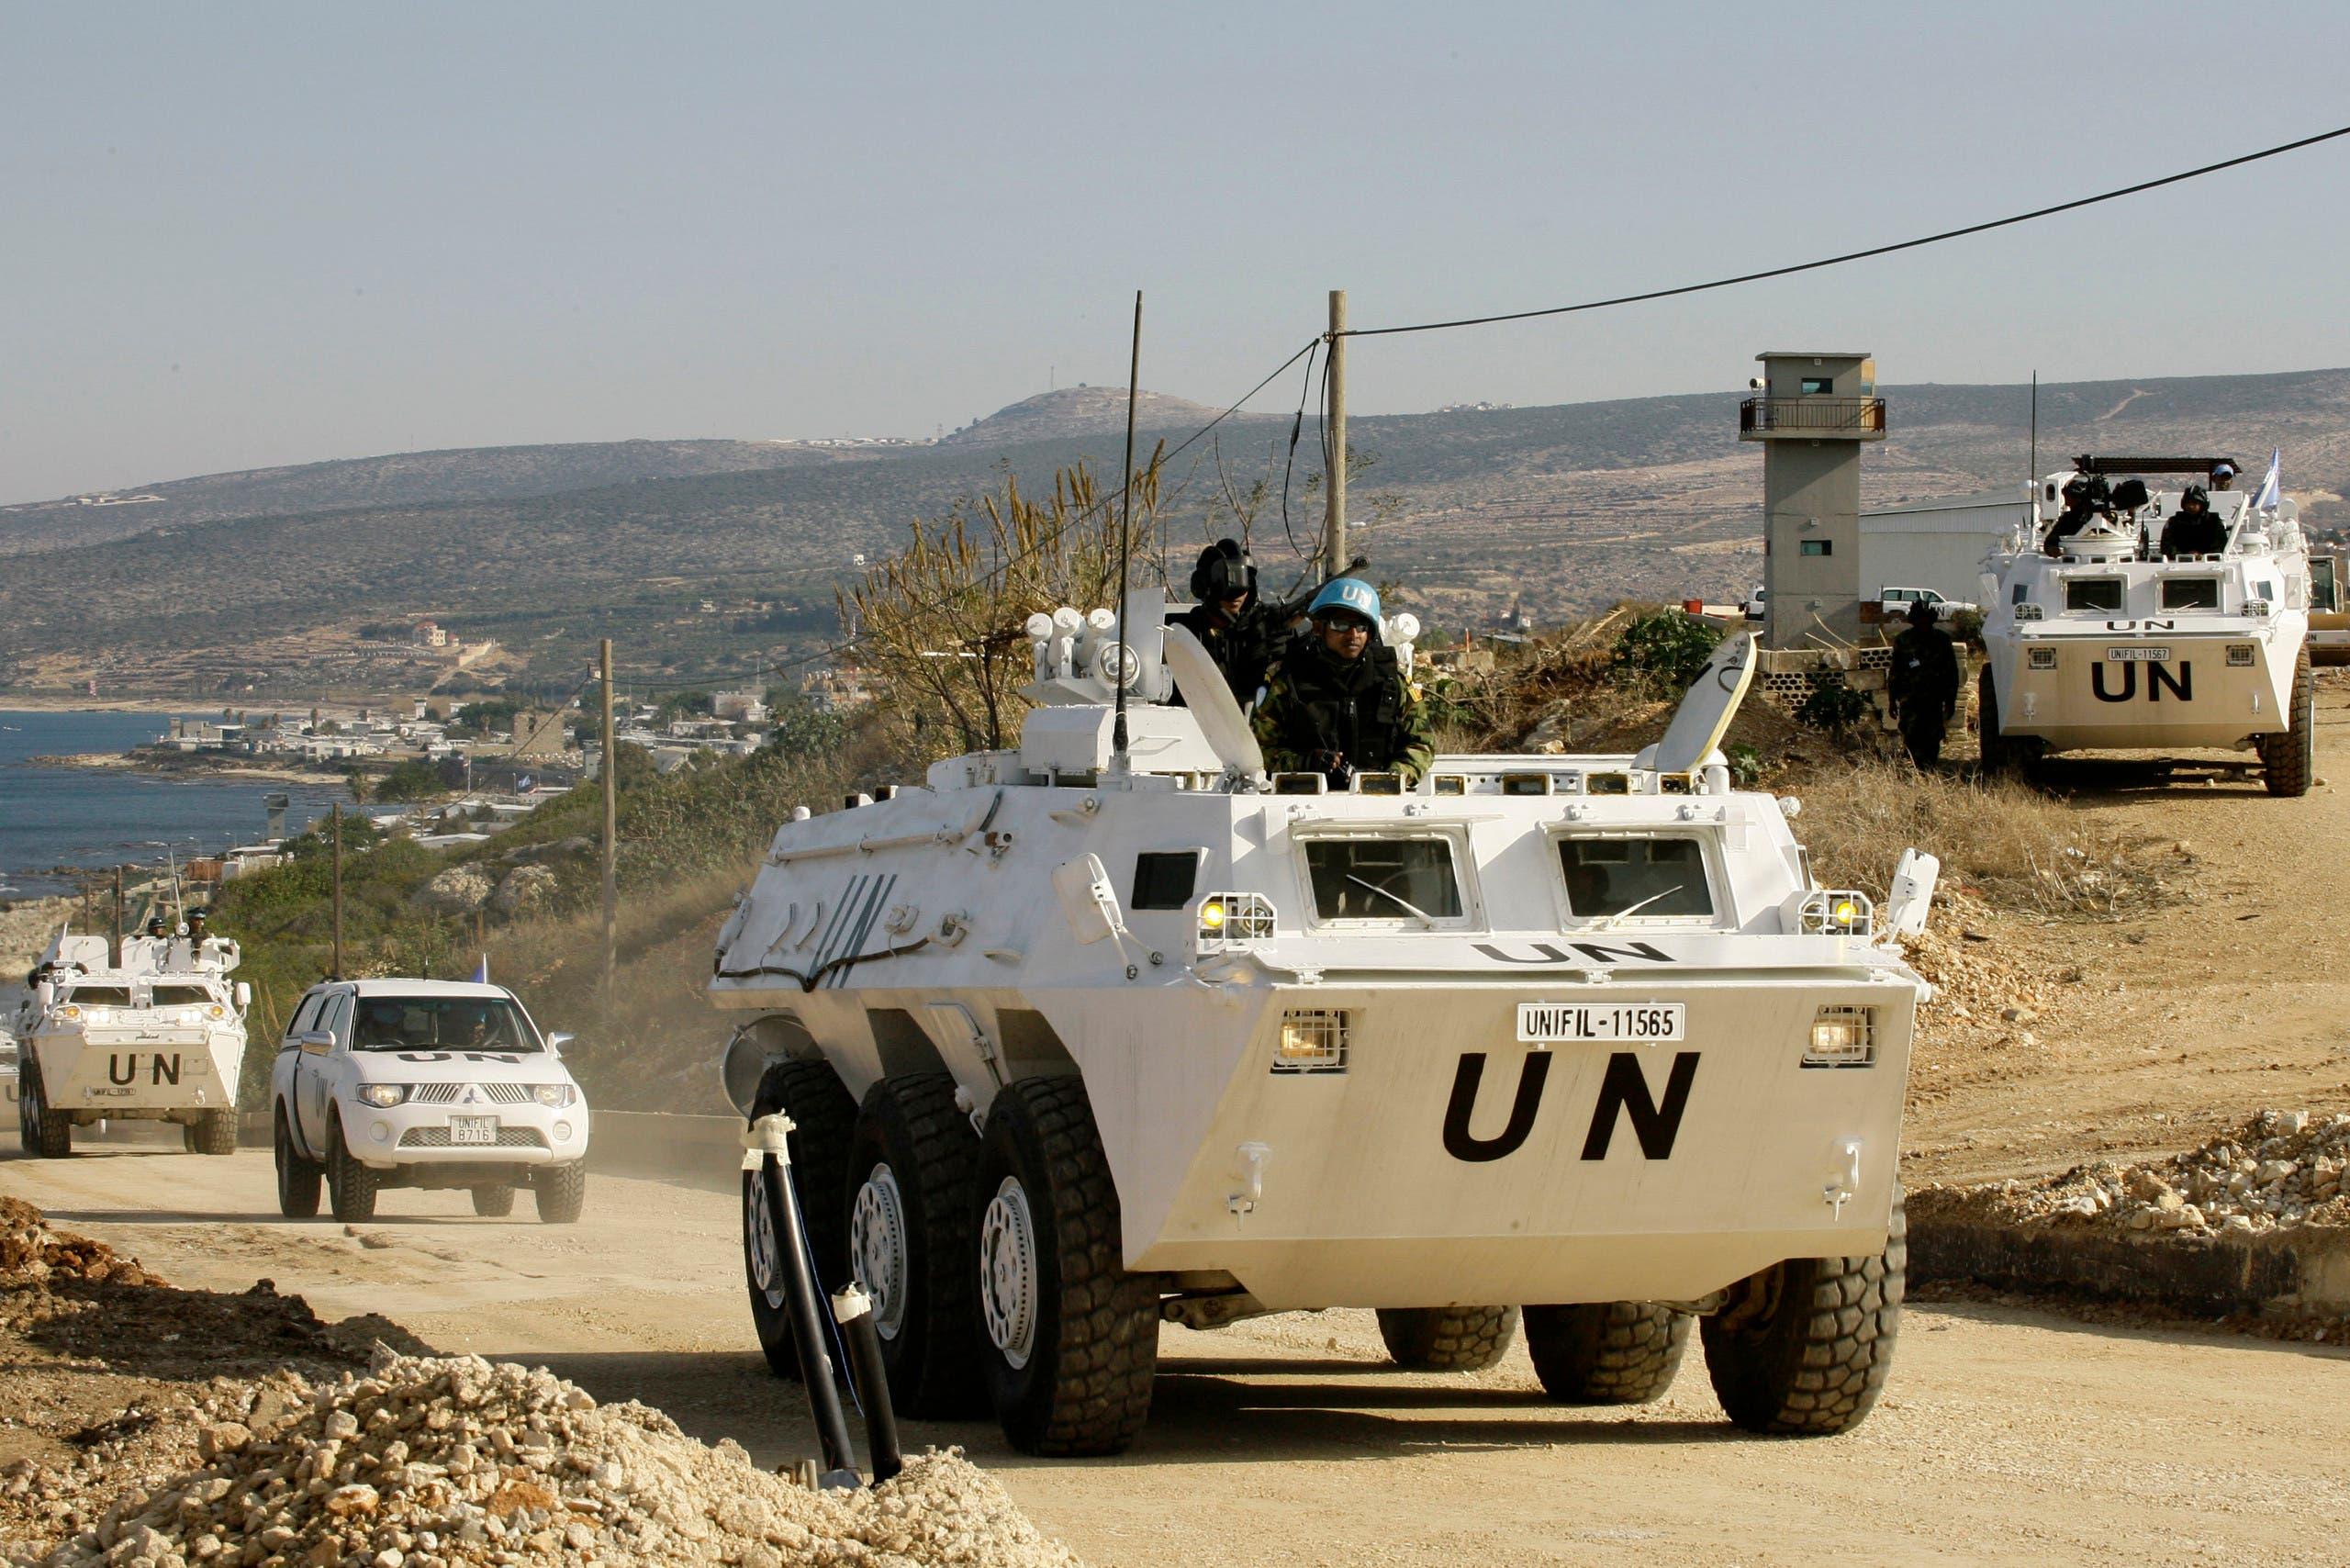 قوات اليونيفيل في بلدة راس الناقورة اللبنانية (أرشيفية)